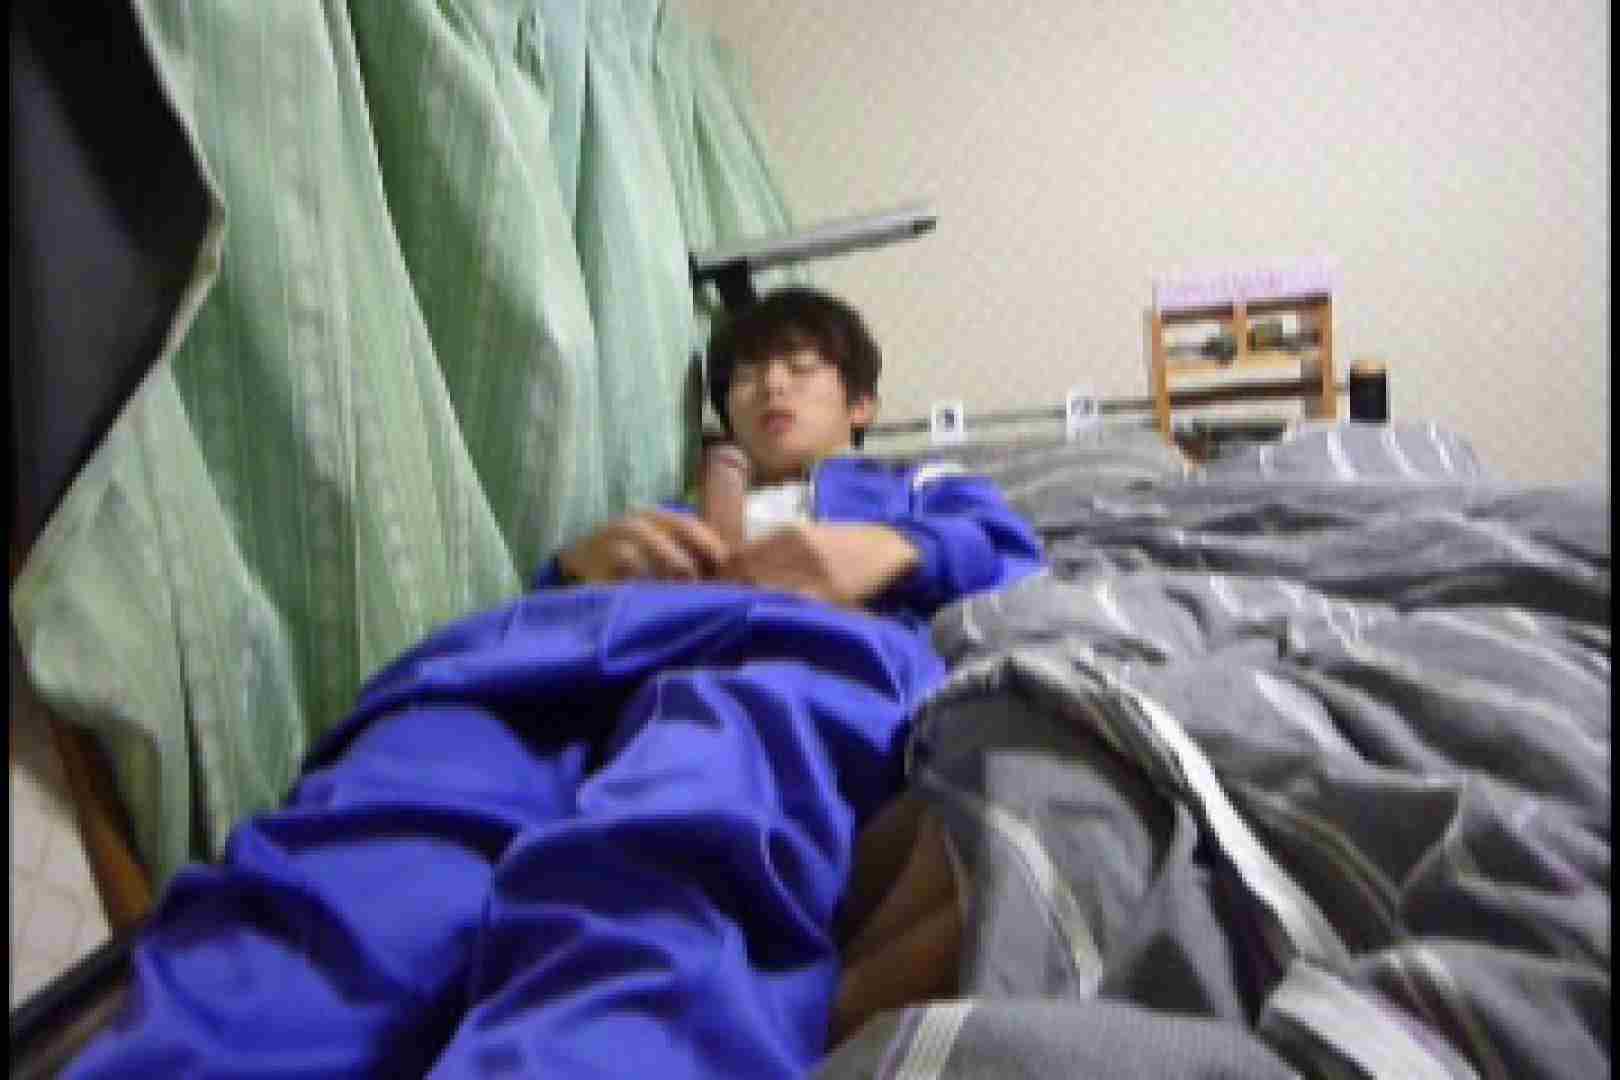 おちんちん|オナ好きノンケテニス部員の自画撮り投稿vol.06|射精